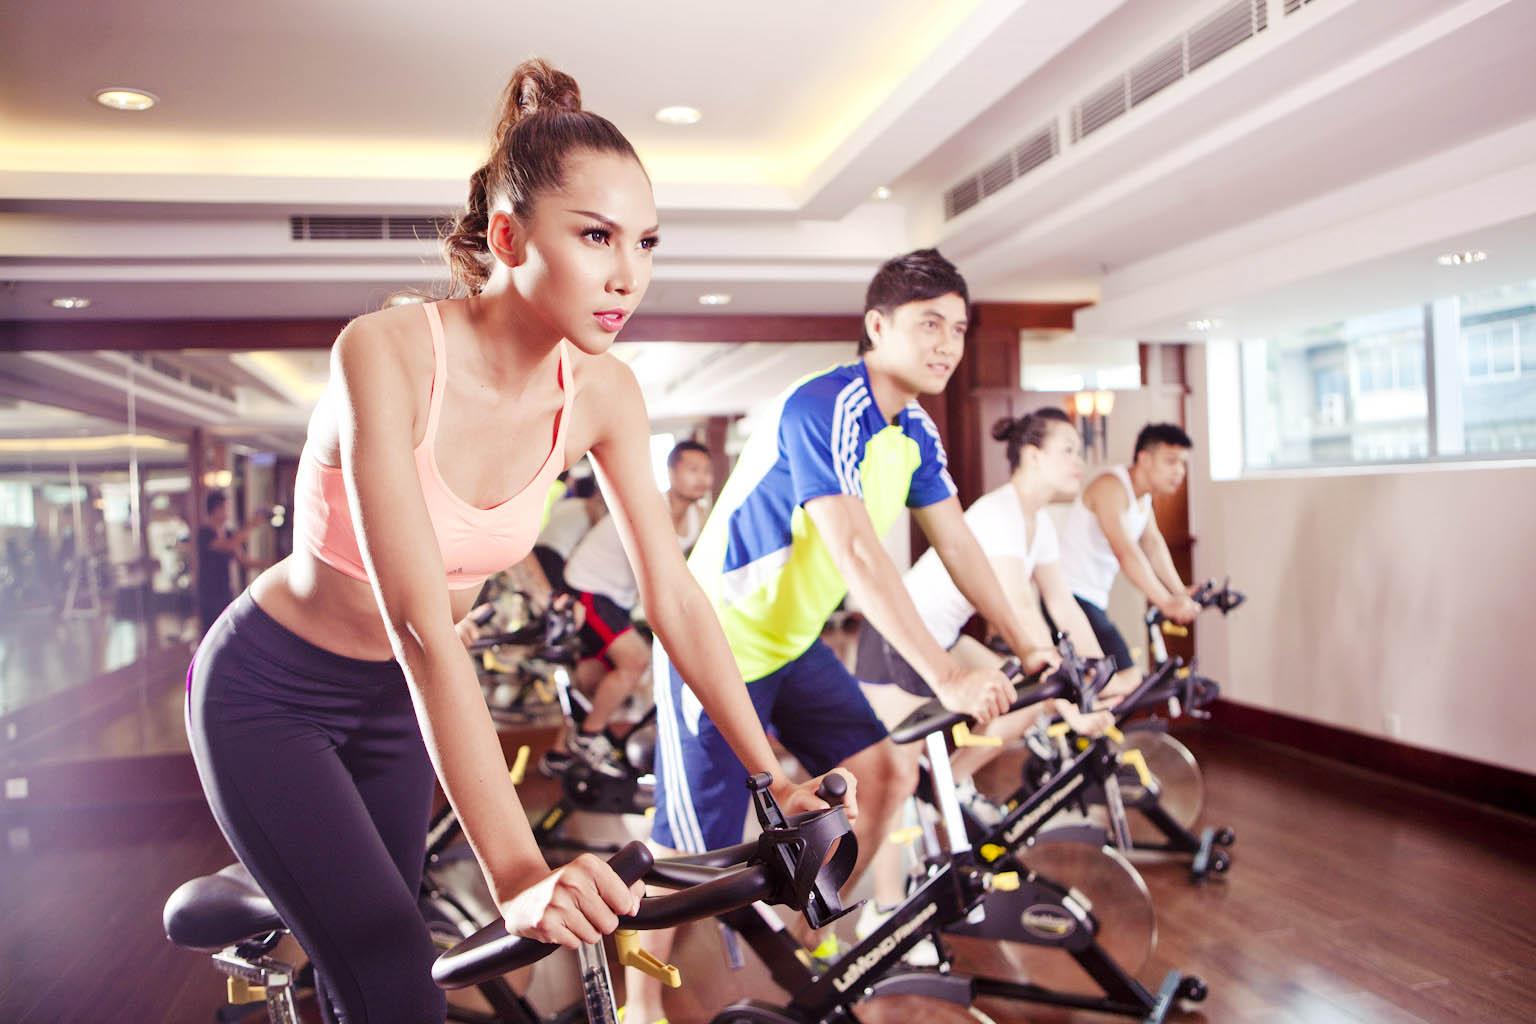 sau khi tập thể dục là một trong những thời điểm tốt nhất để quan hệ.